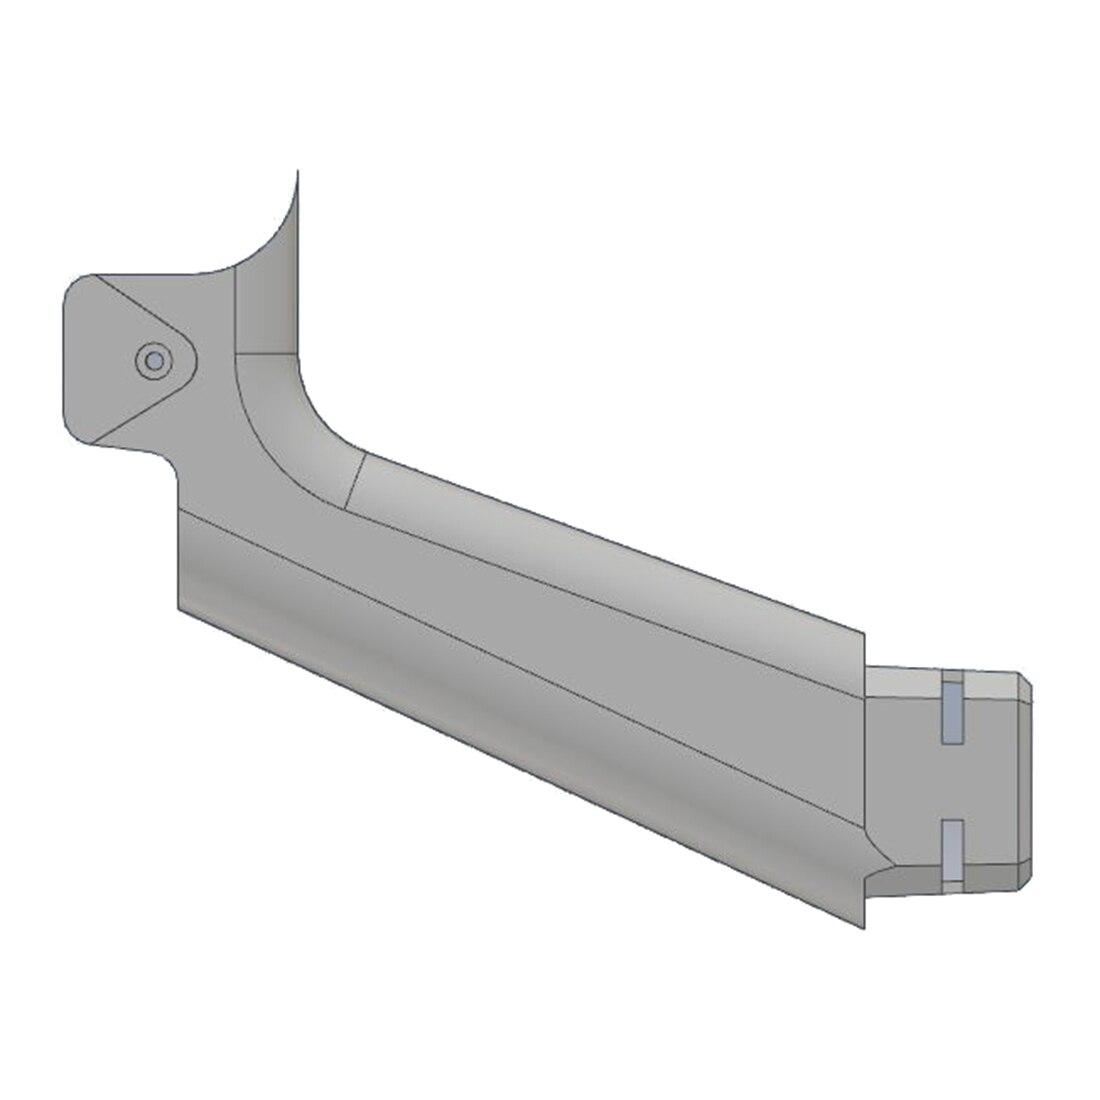 NFSTRIKE Stampa 3D Modularizzazione Magazzino Con Interfaccia Per Blaster Nerf Zombie Sciopero SlingFire Modificato Parte-Nero